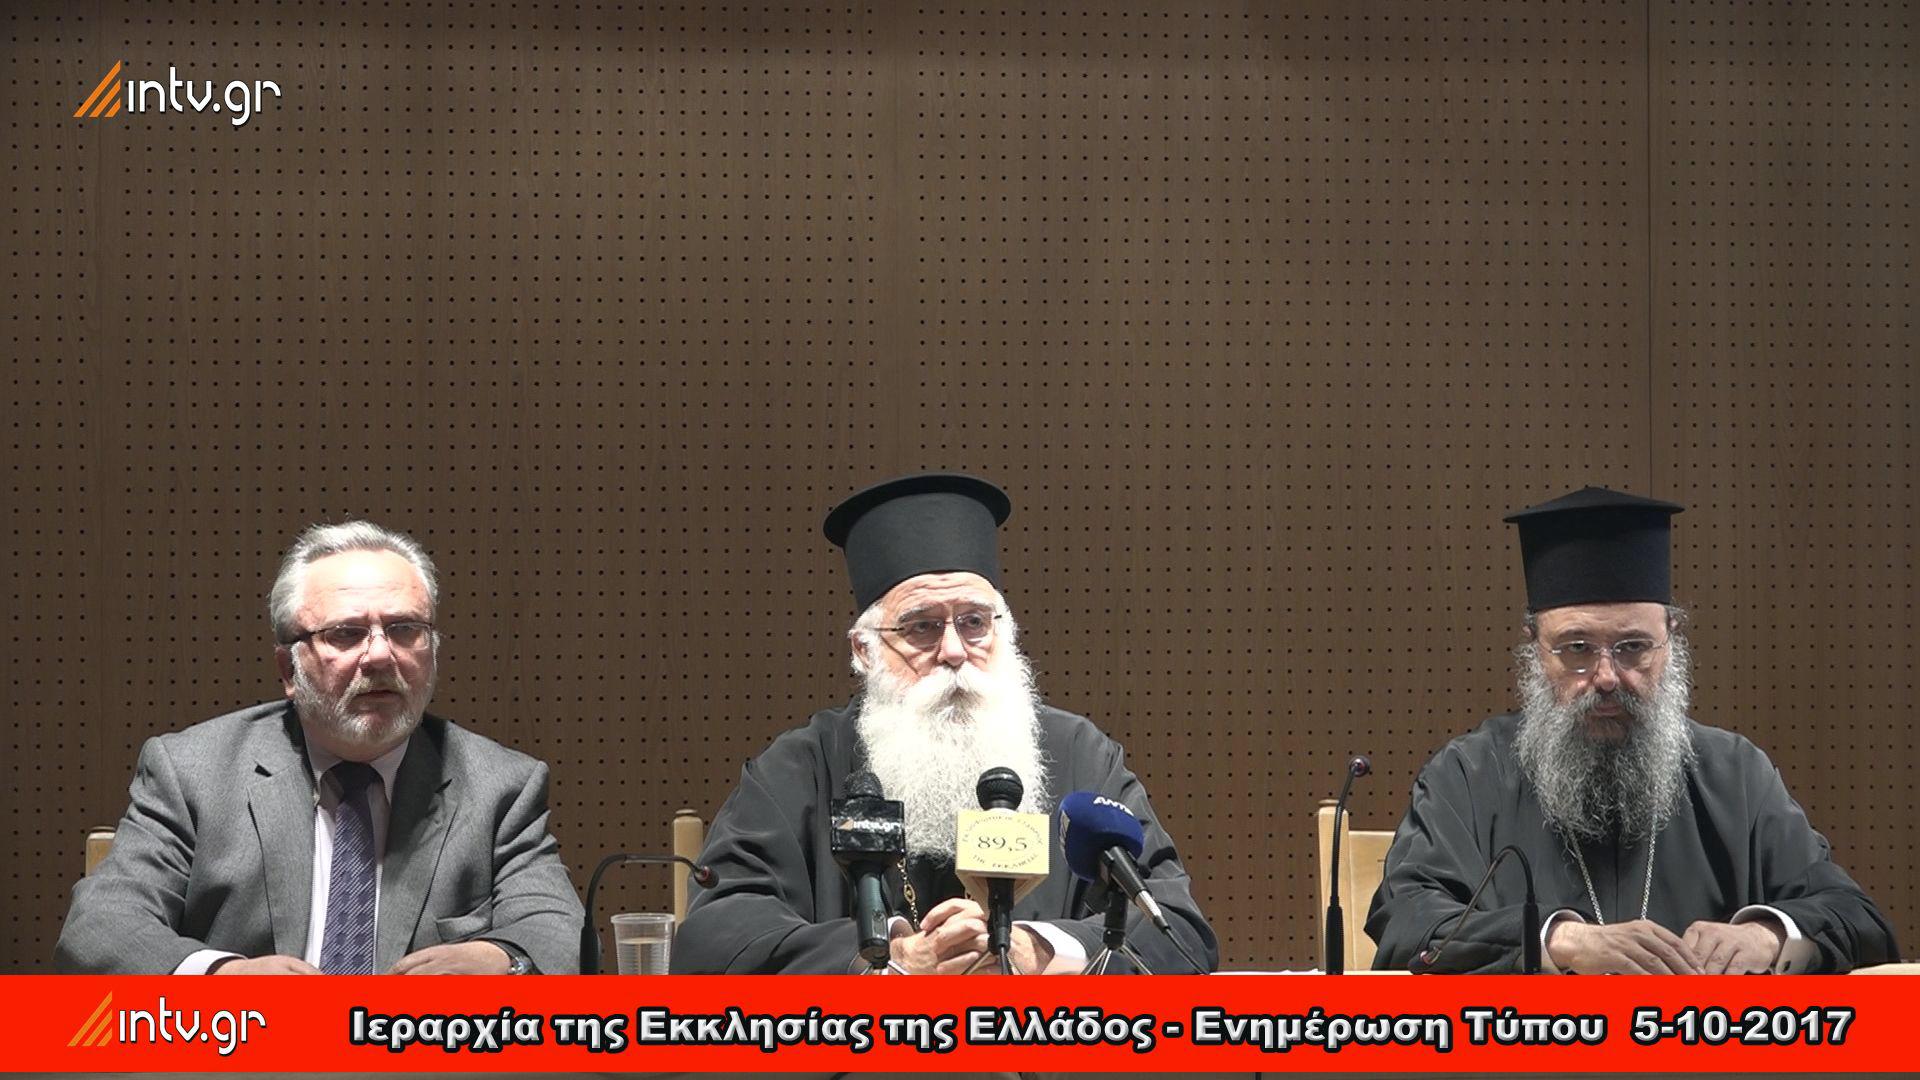 Ιεραρχία της Εκκλησίας της Ελλάδος - Ενημέρωση Τύπου 5-10-2017